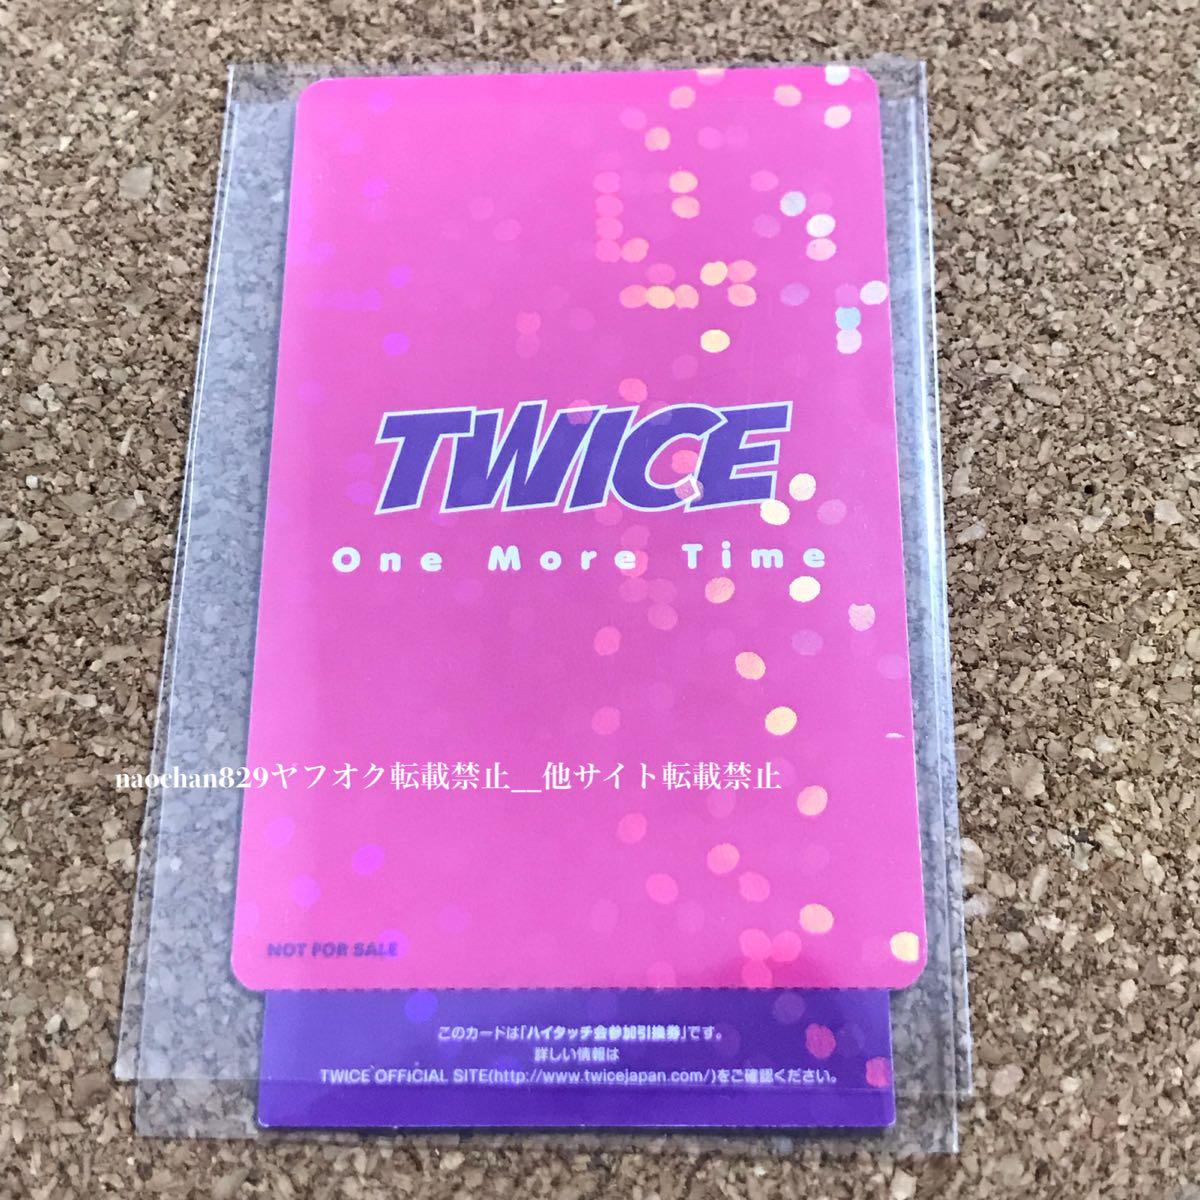 ◆穴なし・未使用◆チェヨン CHAEYOUNG トレカ One More Time ハイタッチ未使用 通常盤CD付き 美品 非売品 Japan1stSingle_画像2